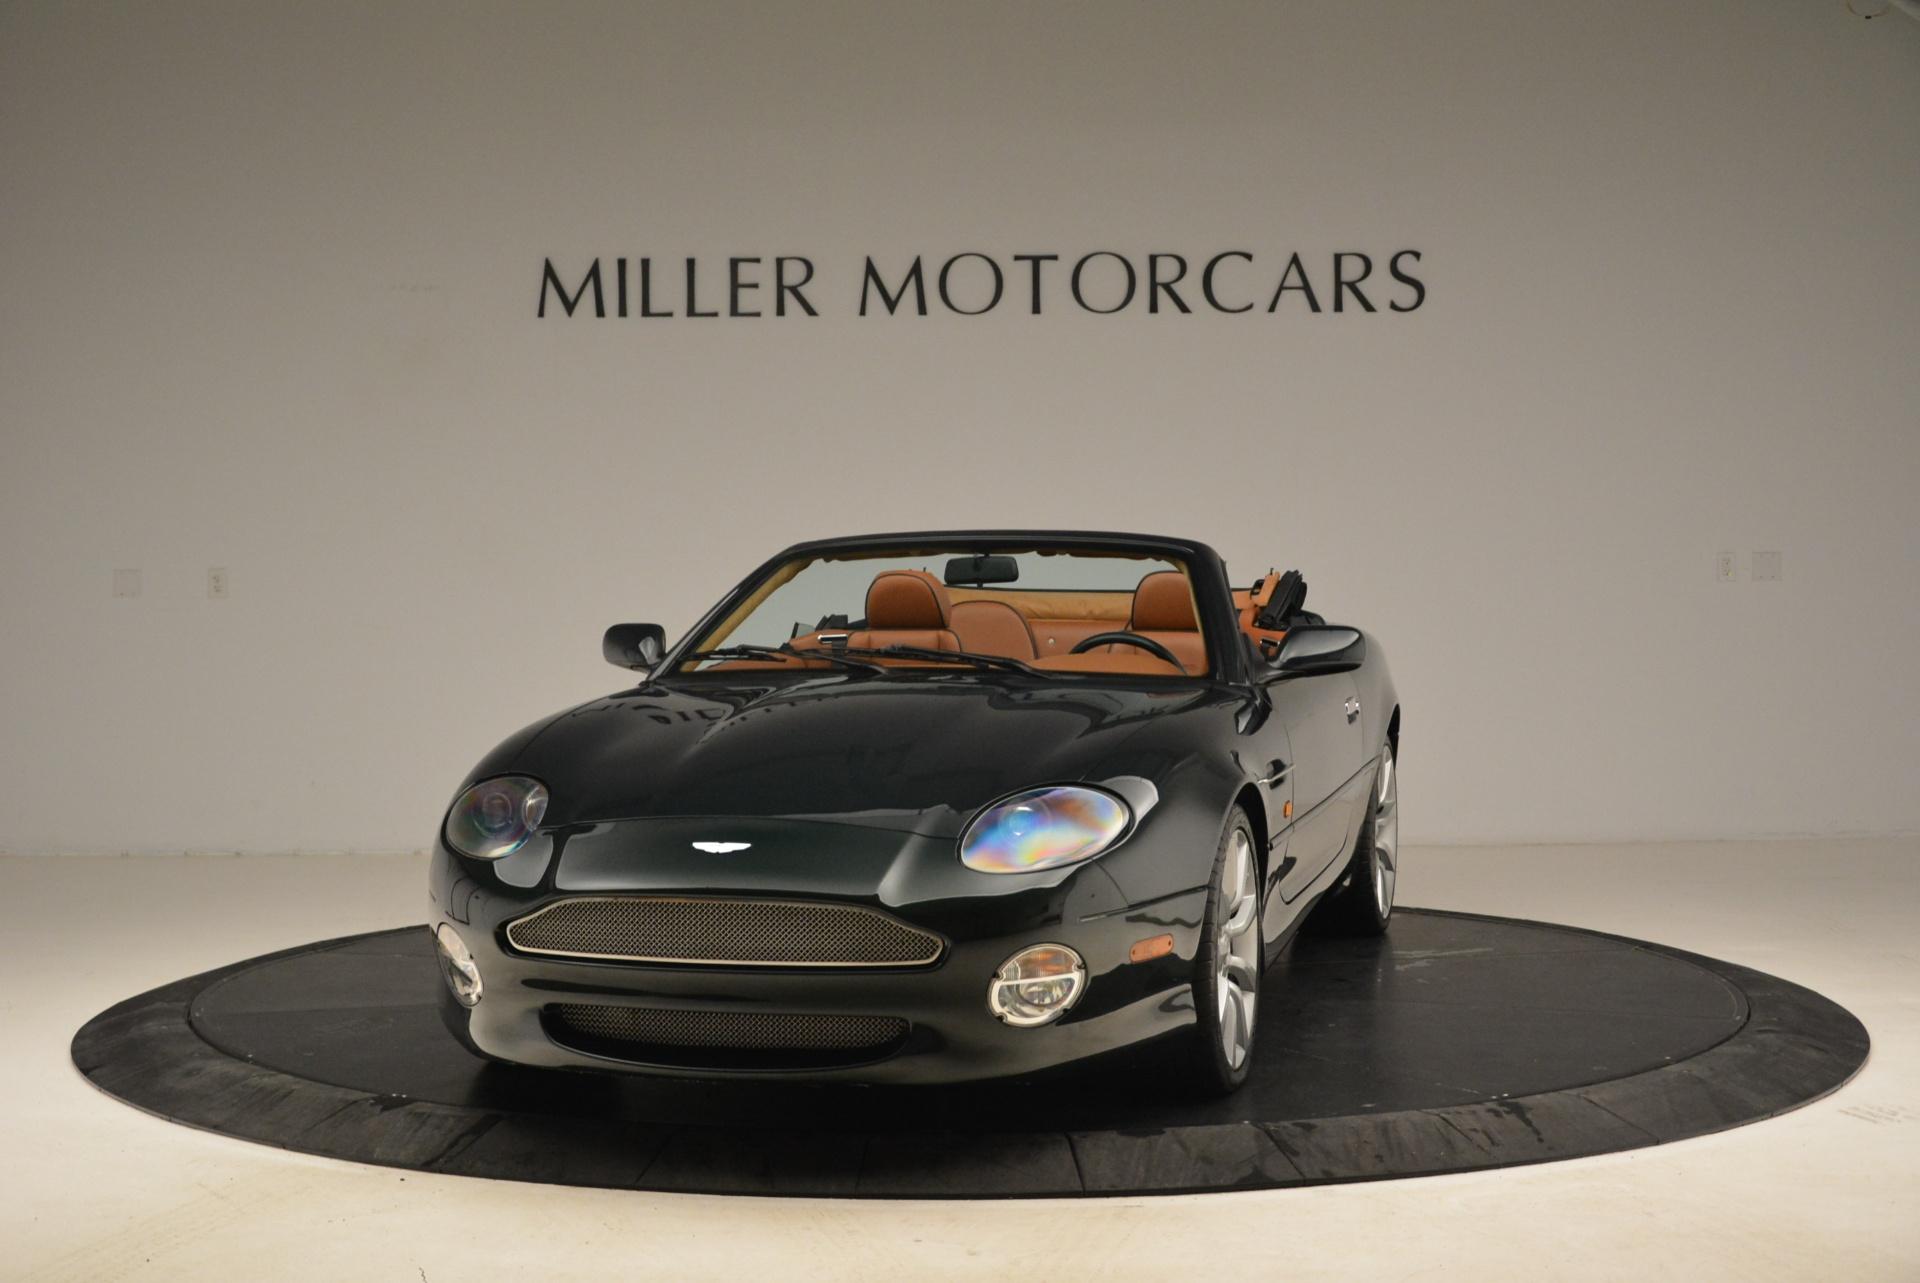 Used 2003 Aston Martin DB7 Vantage Volante For Sale In Greenwich, CT. Alfa Romeo of Greenwich, 7307 2084_main